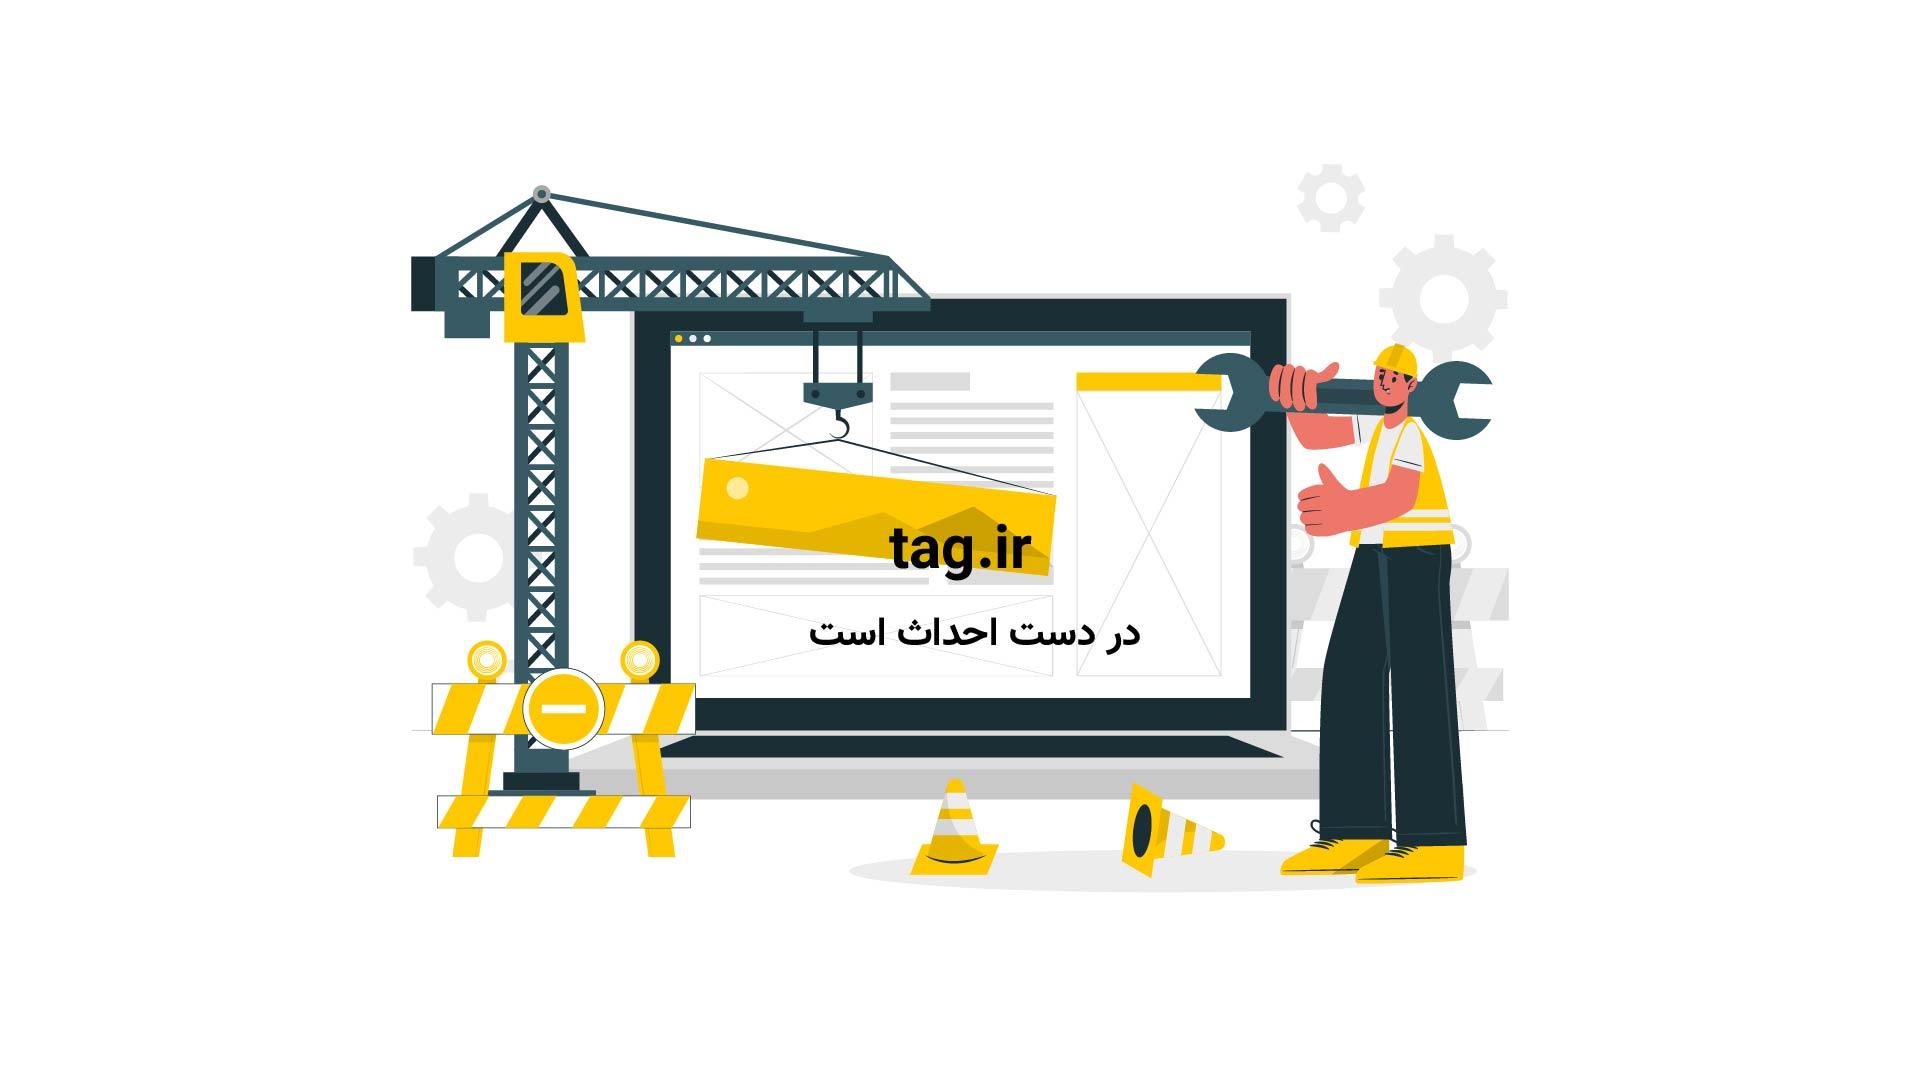 زلزله سگ | تگ